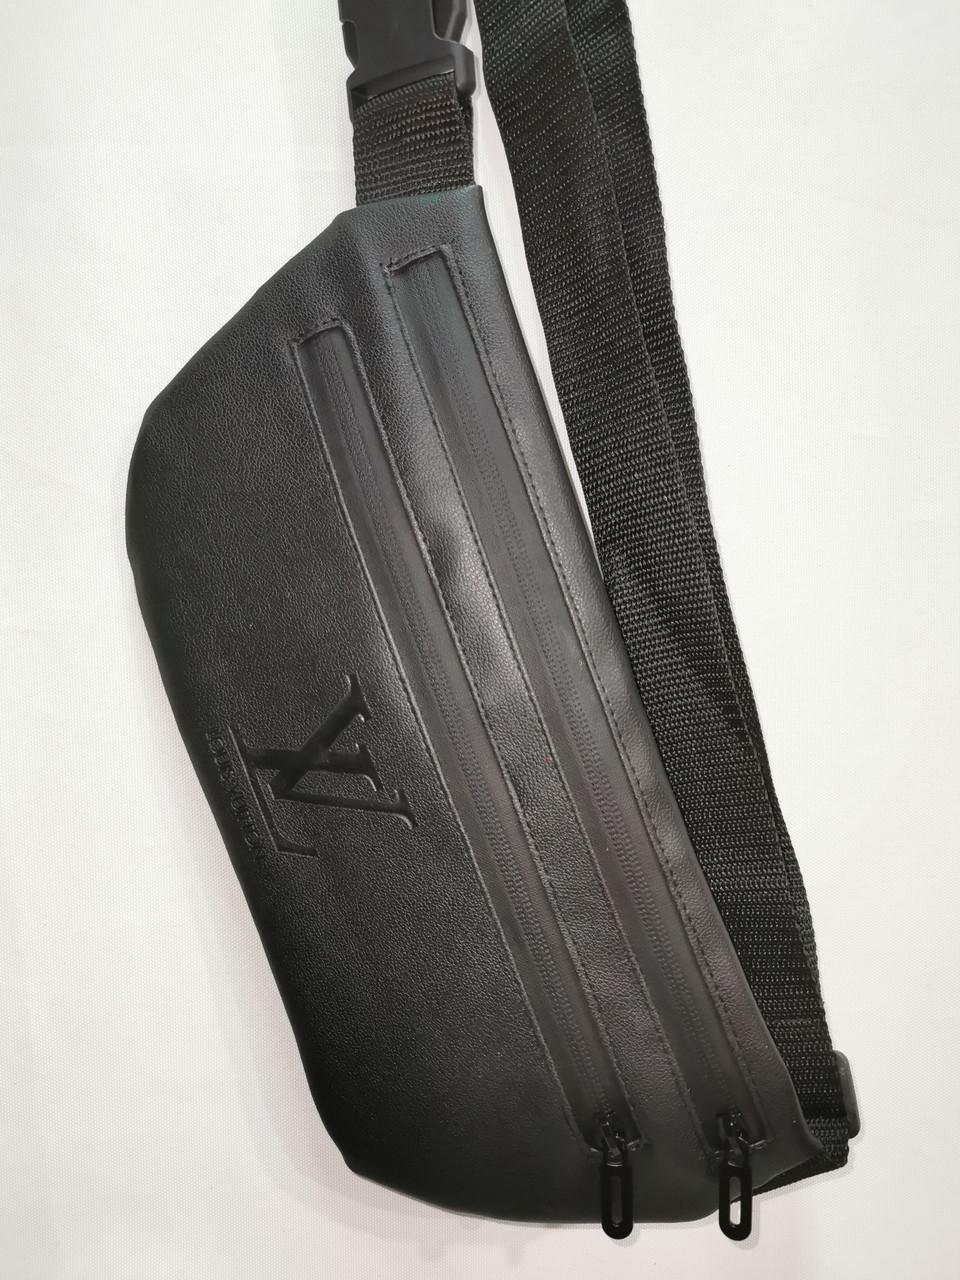 (16*34-мале)Последняя модная унисекс LV сумка на пояс  искусств кожа женский и мужские пояс Бананка оптом